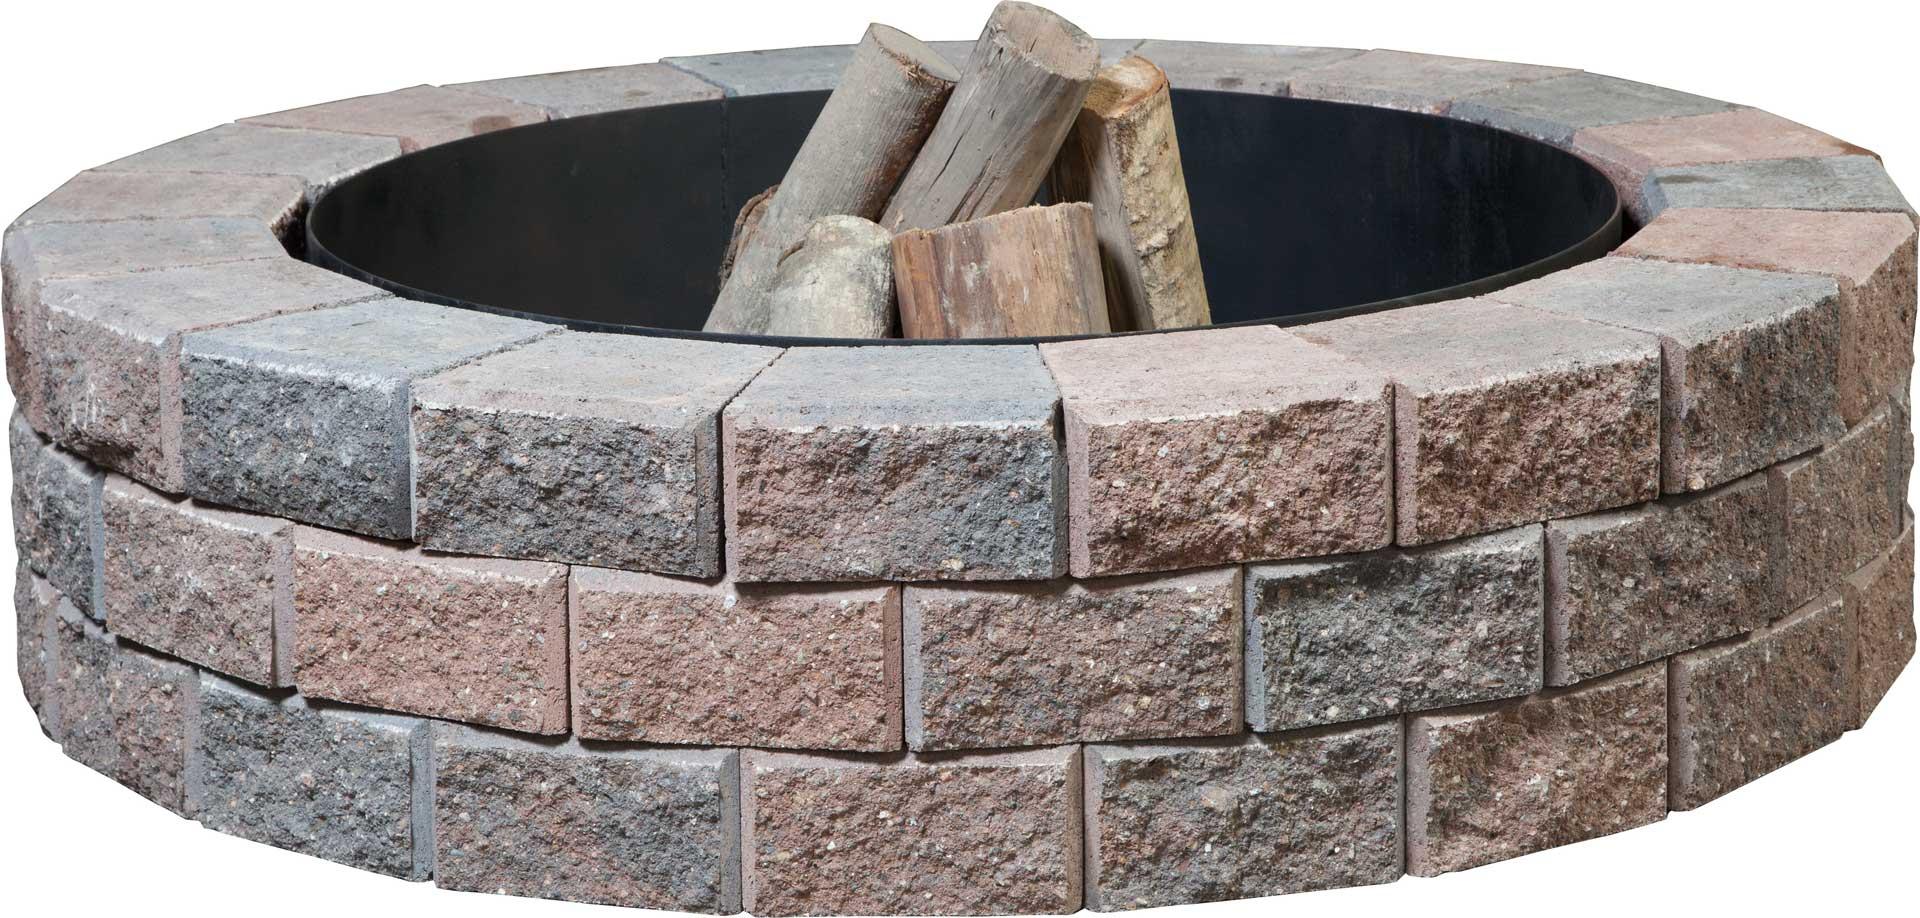 Victoria Fire Pit Kit - Shaw Brick